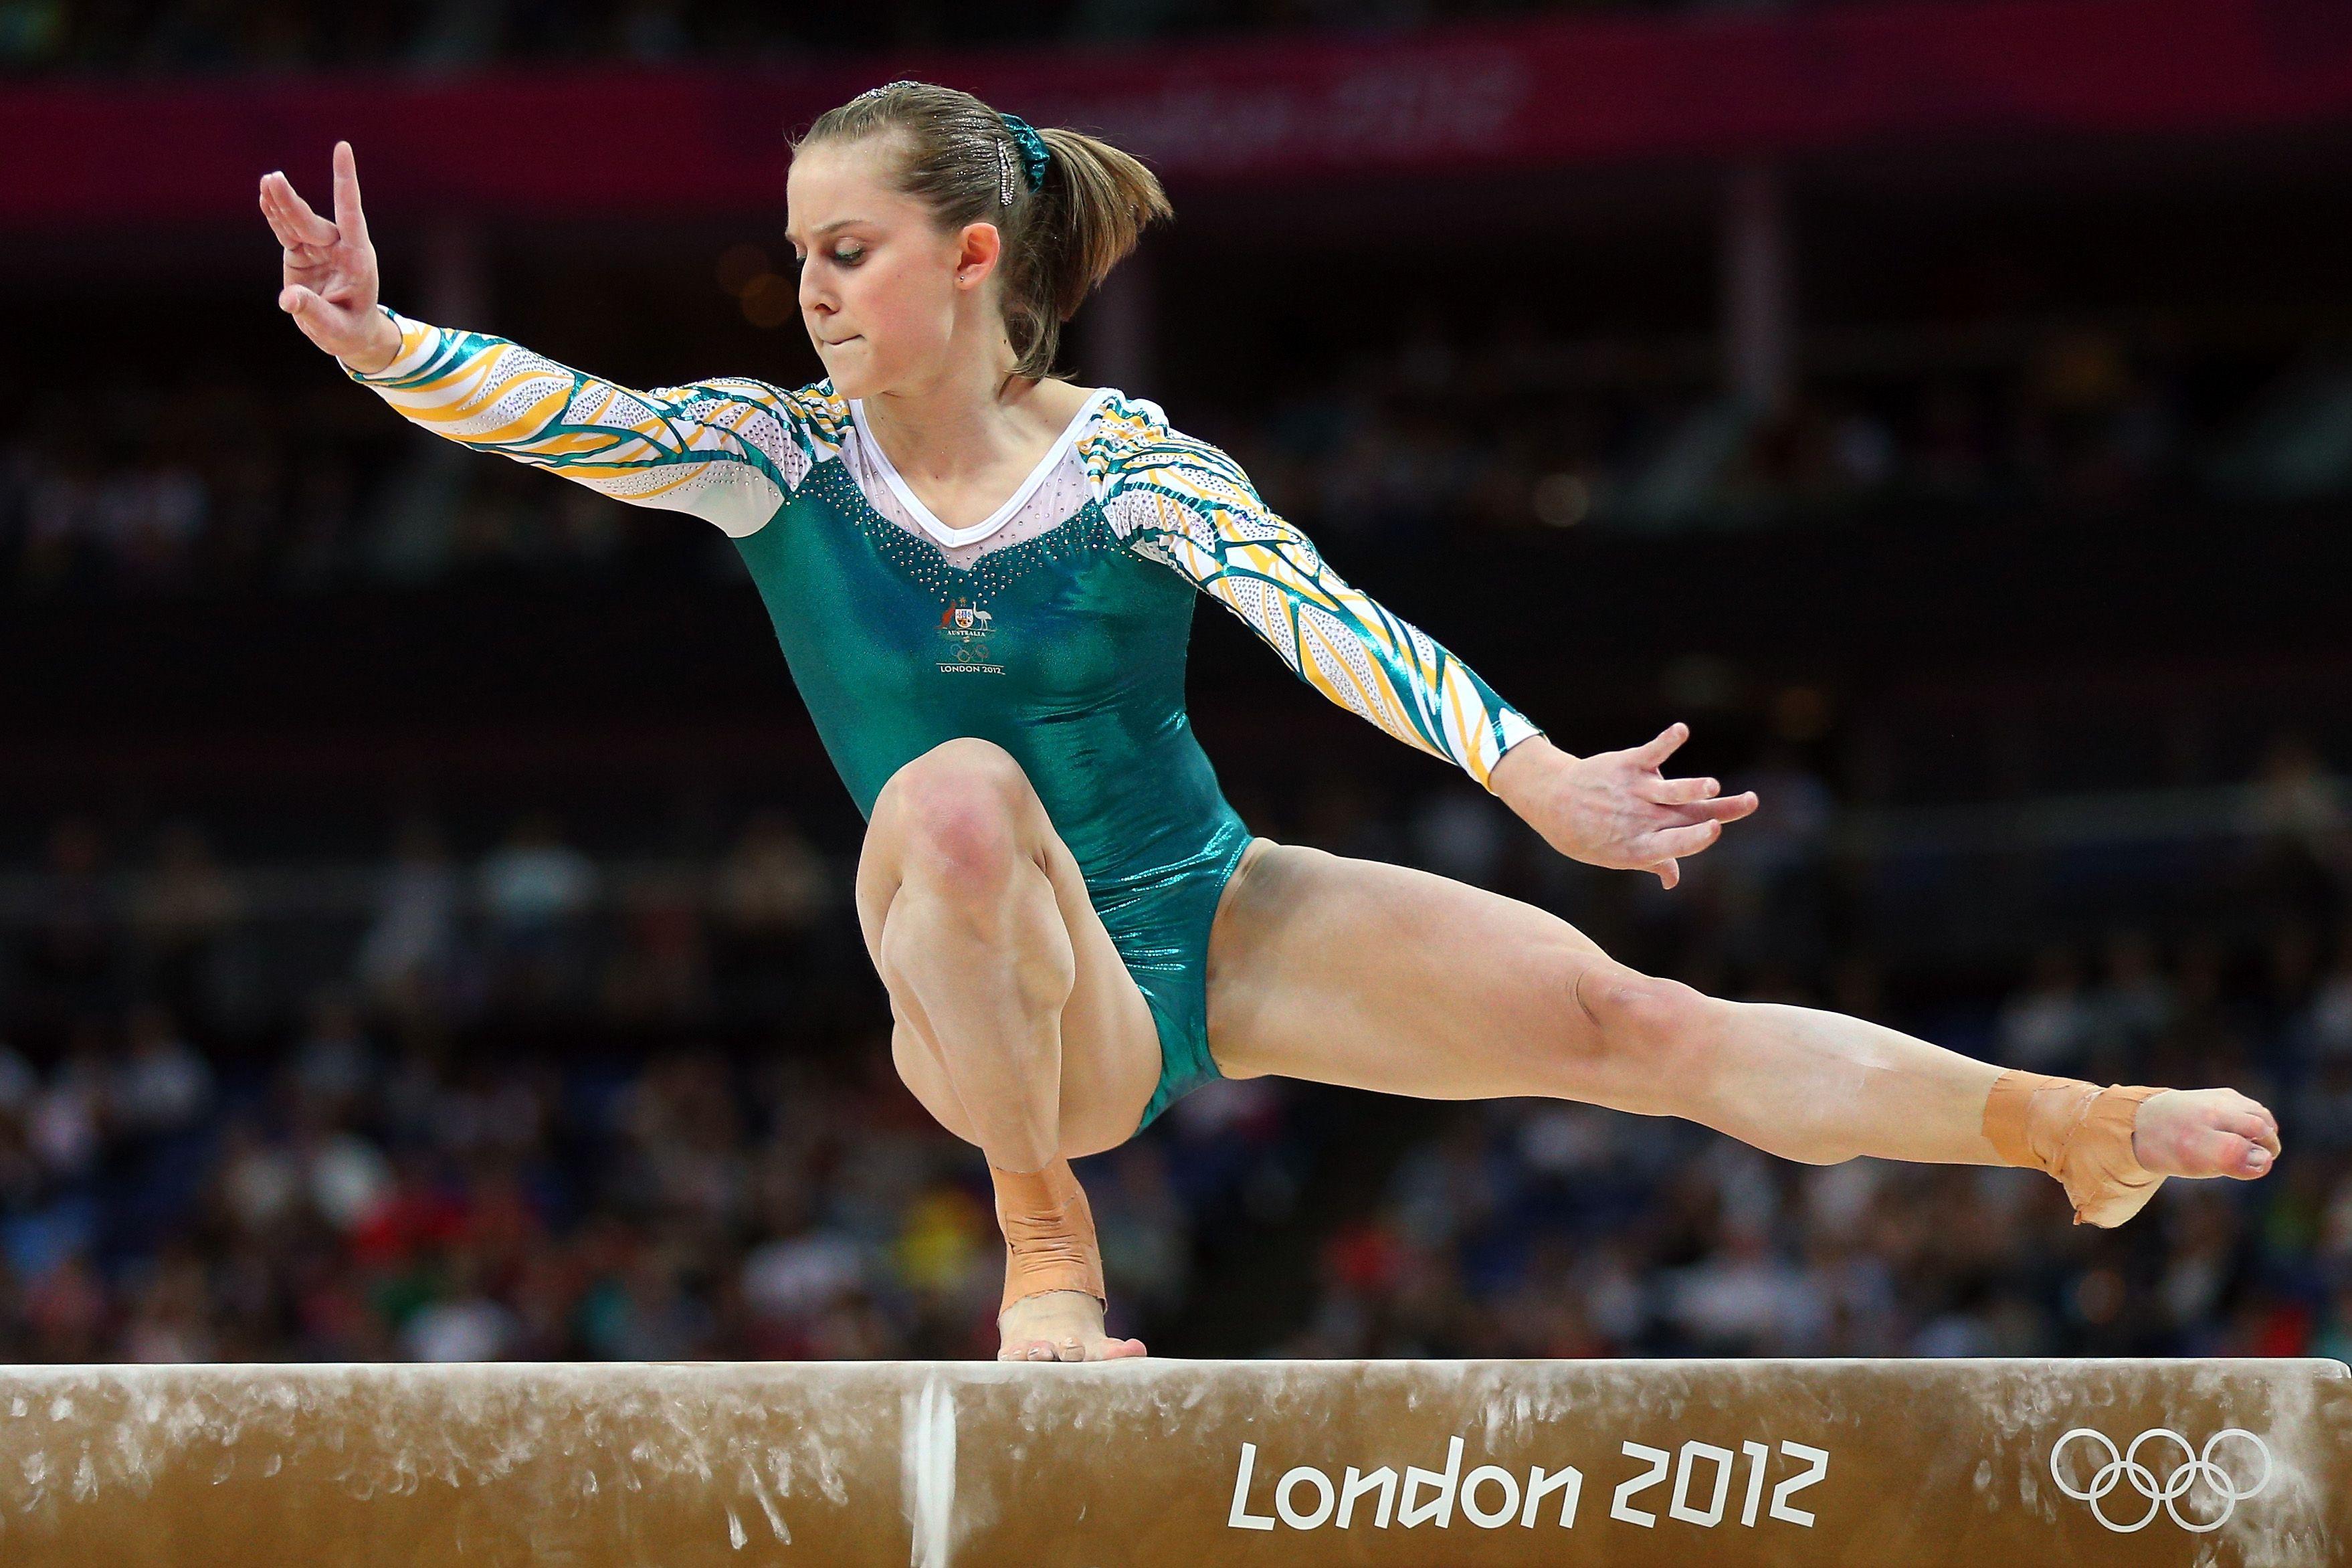 U.S. womens team viewed as favorites in gymnastics - The